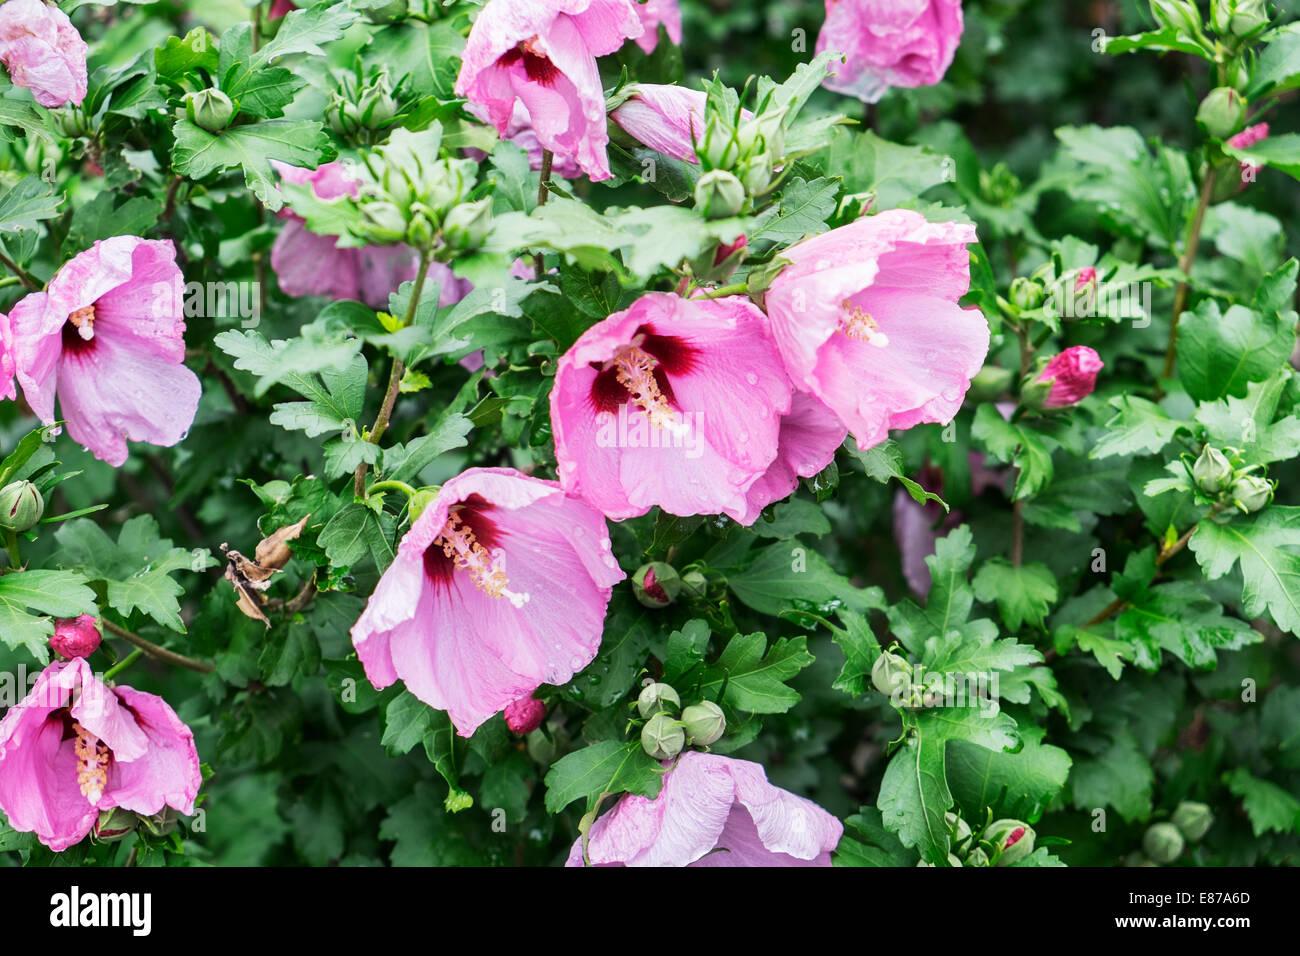 а-крупным планом-розовых-цветов-залитых-с-